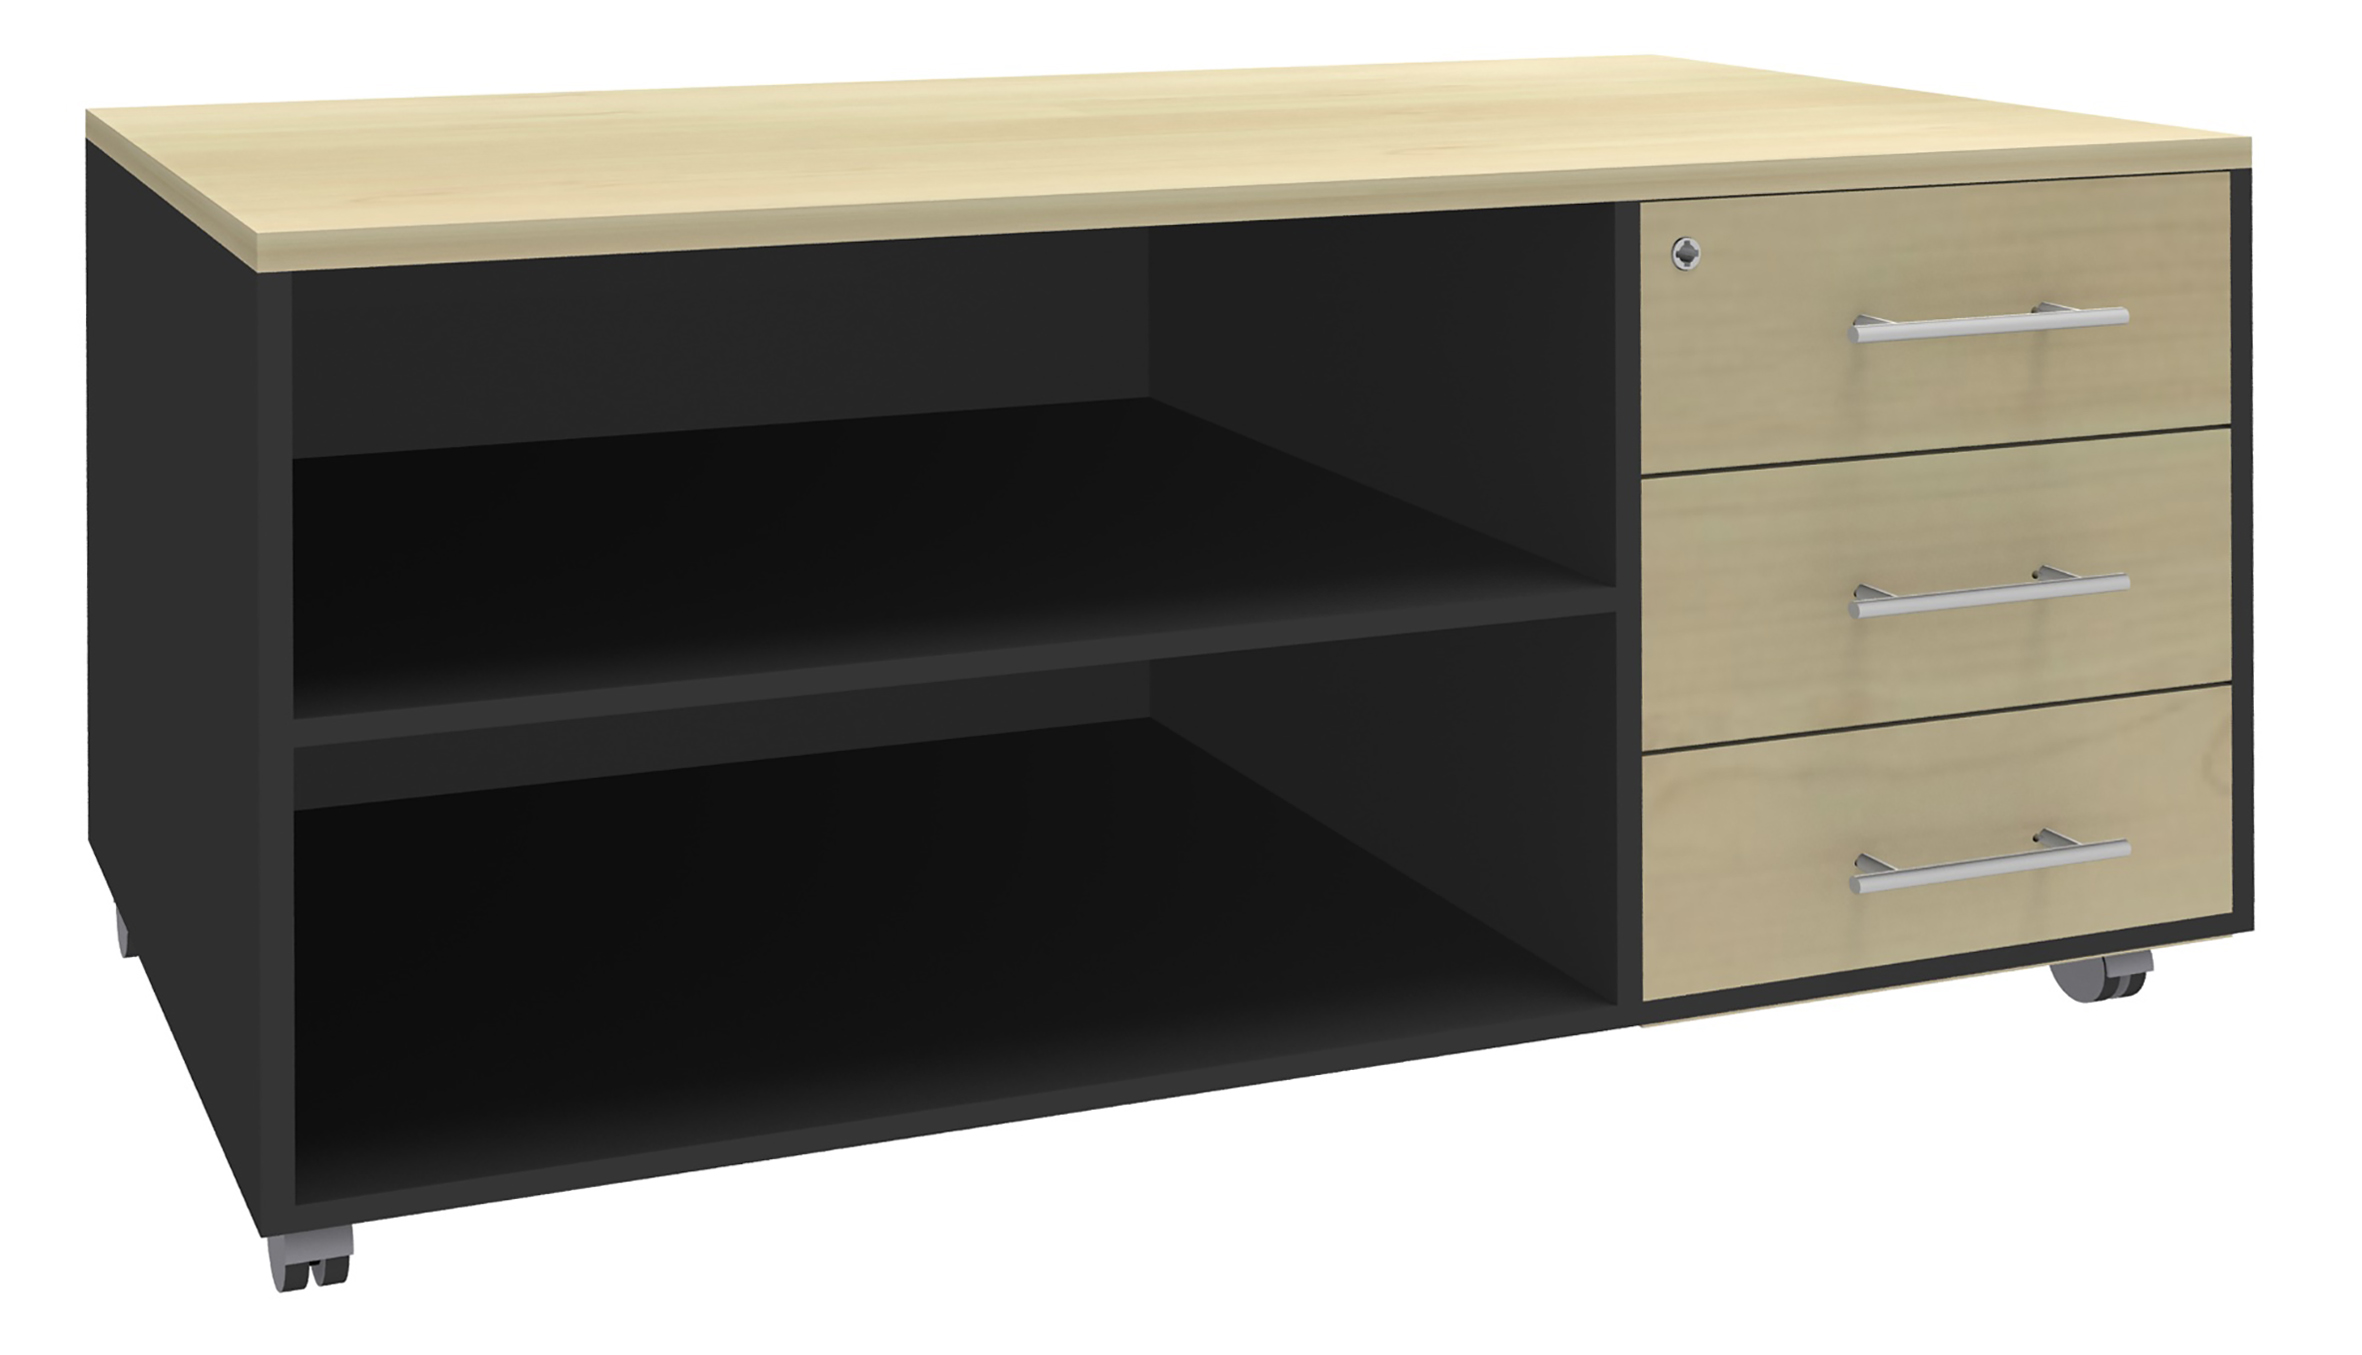 Console mobile STEELY - L120 x H63 x P60 cm - 3 tiroirs - coté anthracite - finition façade et dessus imitation Erable